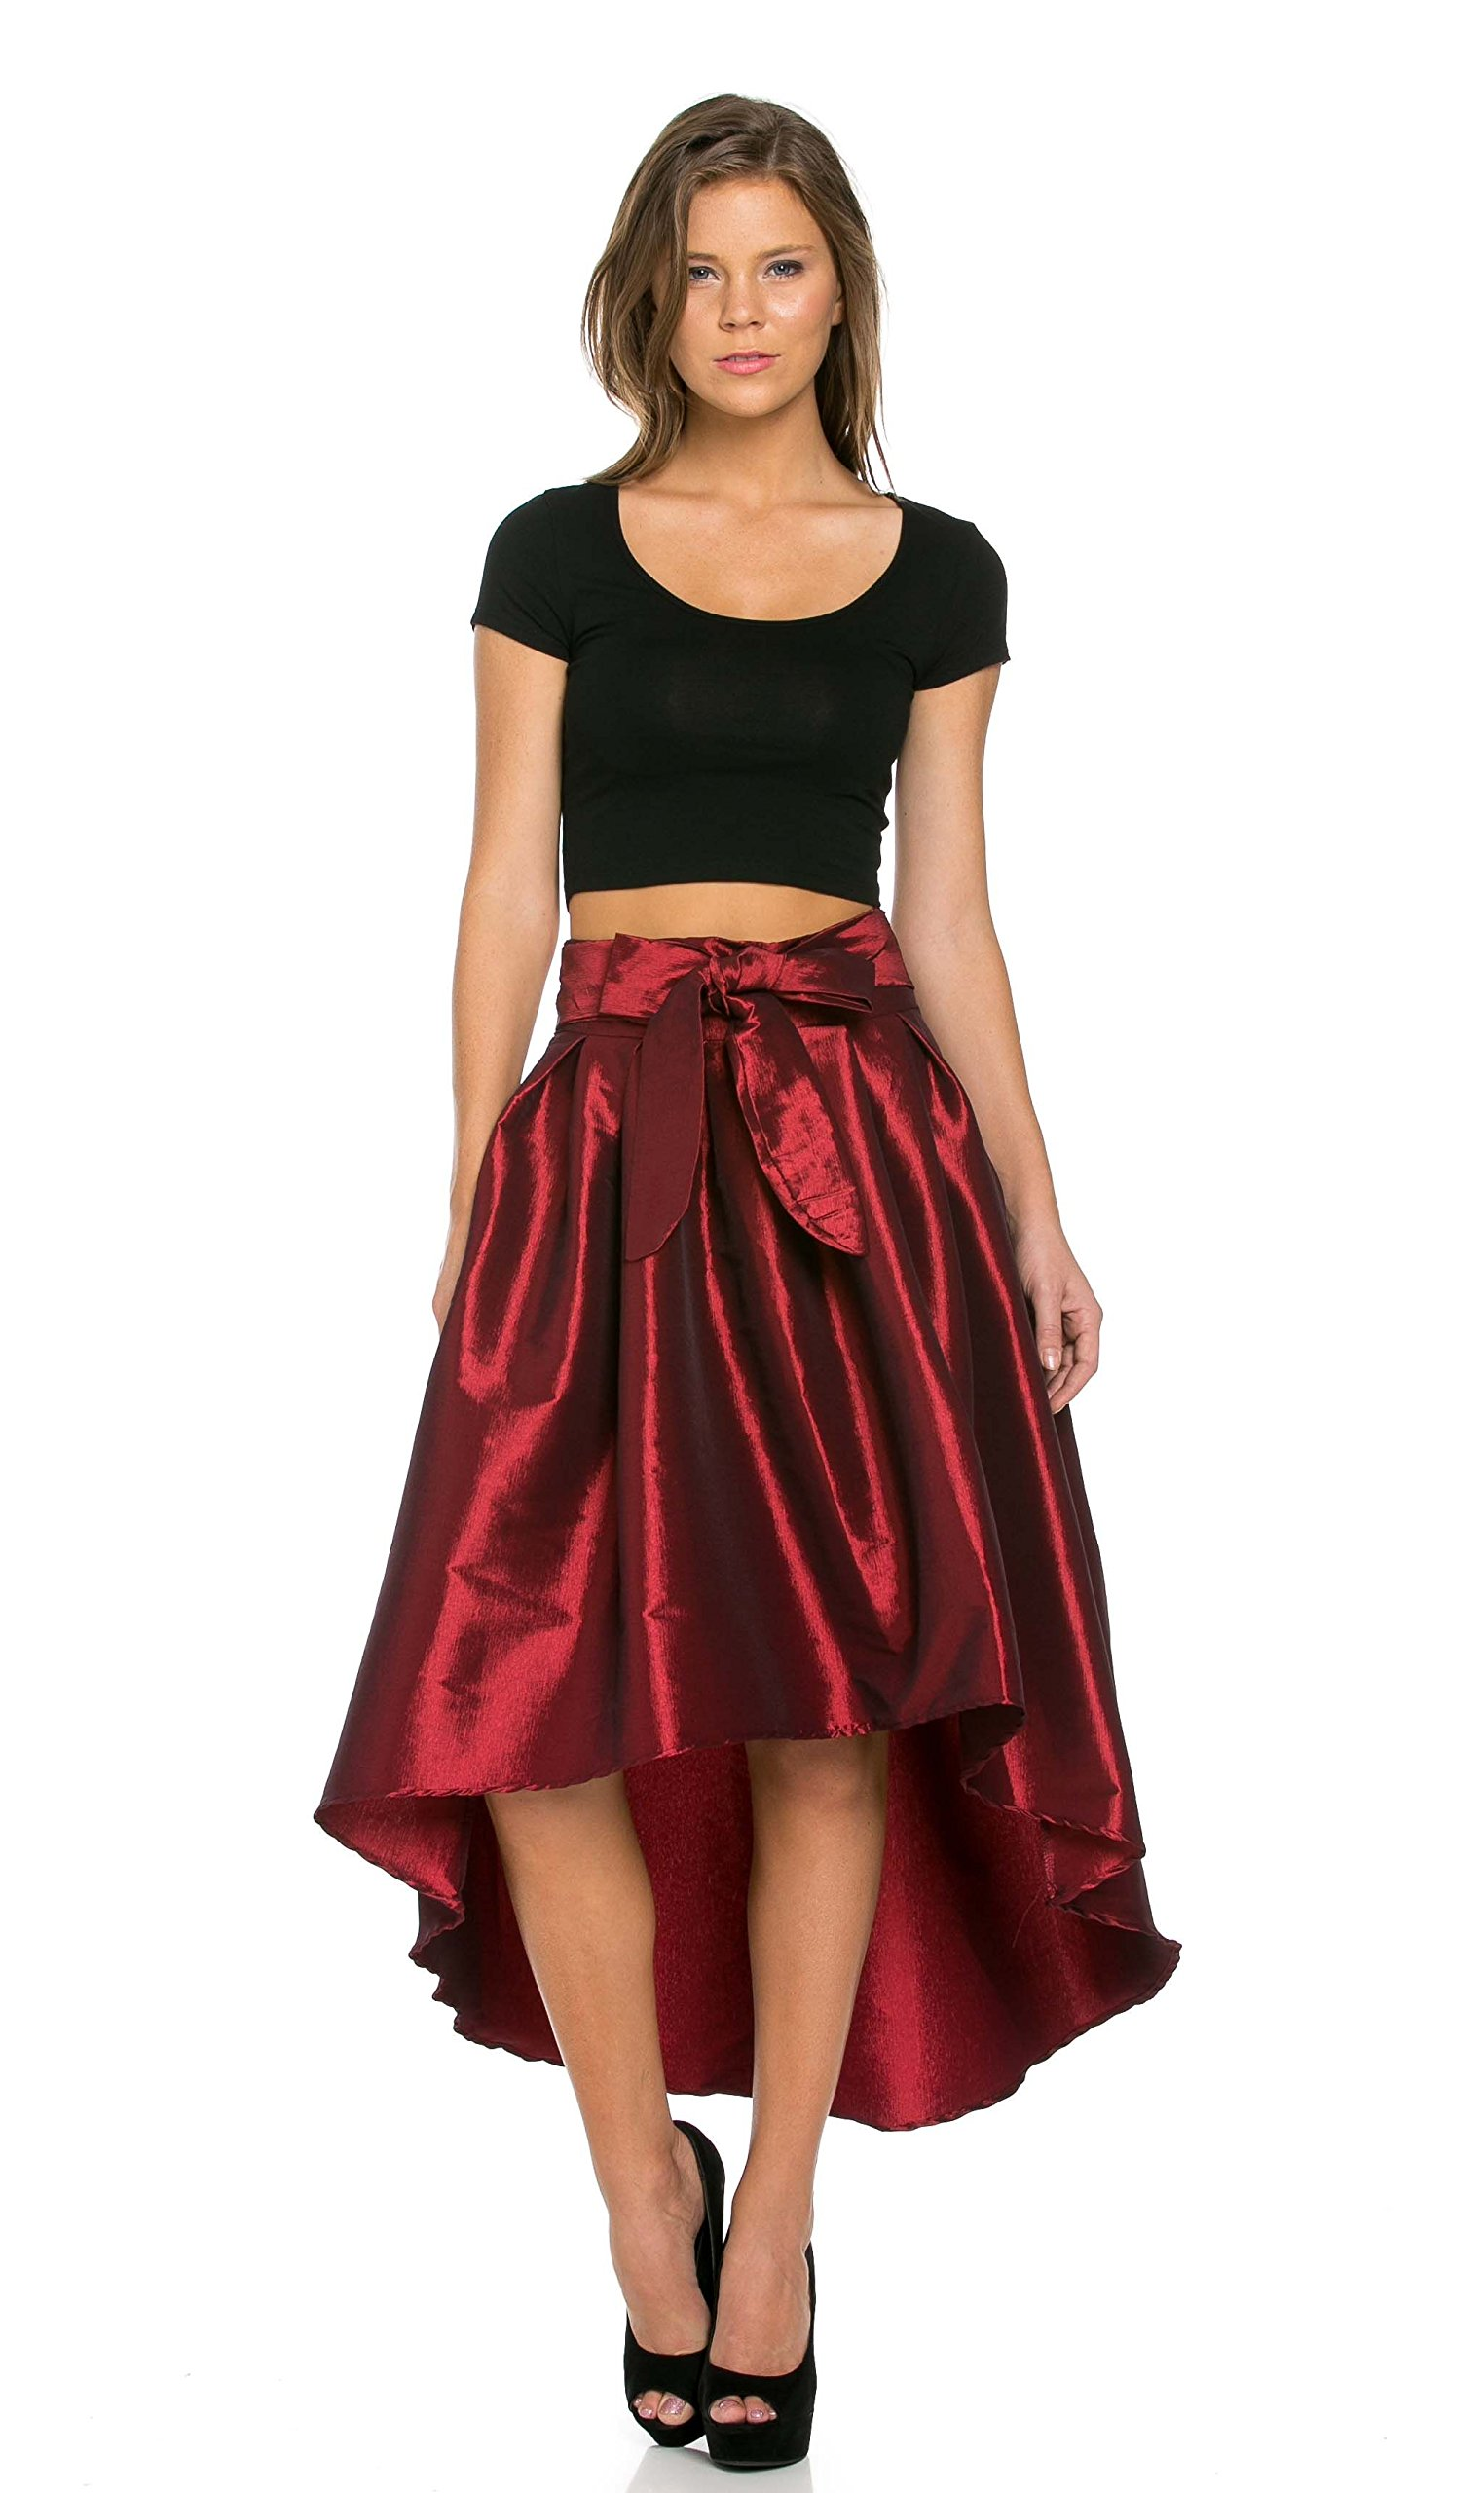 SOHO GLAM Burgundy Pleated High-Low Taffeta Midi-Skirt (Plus Sizes Available) by SOHO GLAM (Image #1)